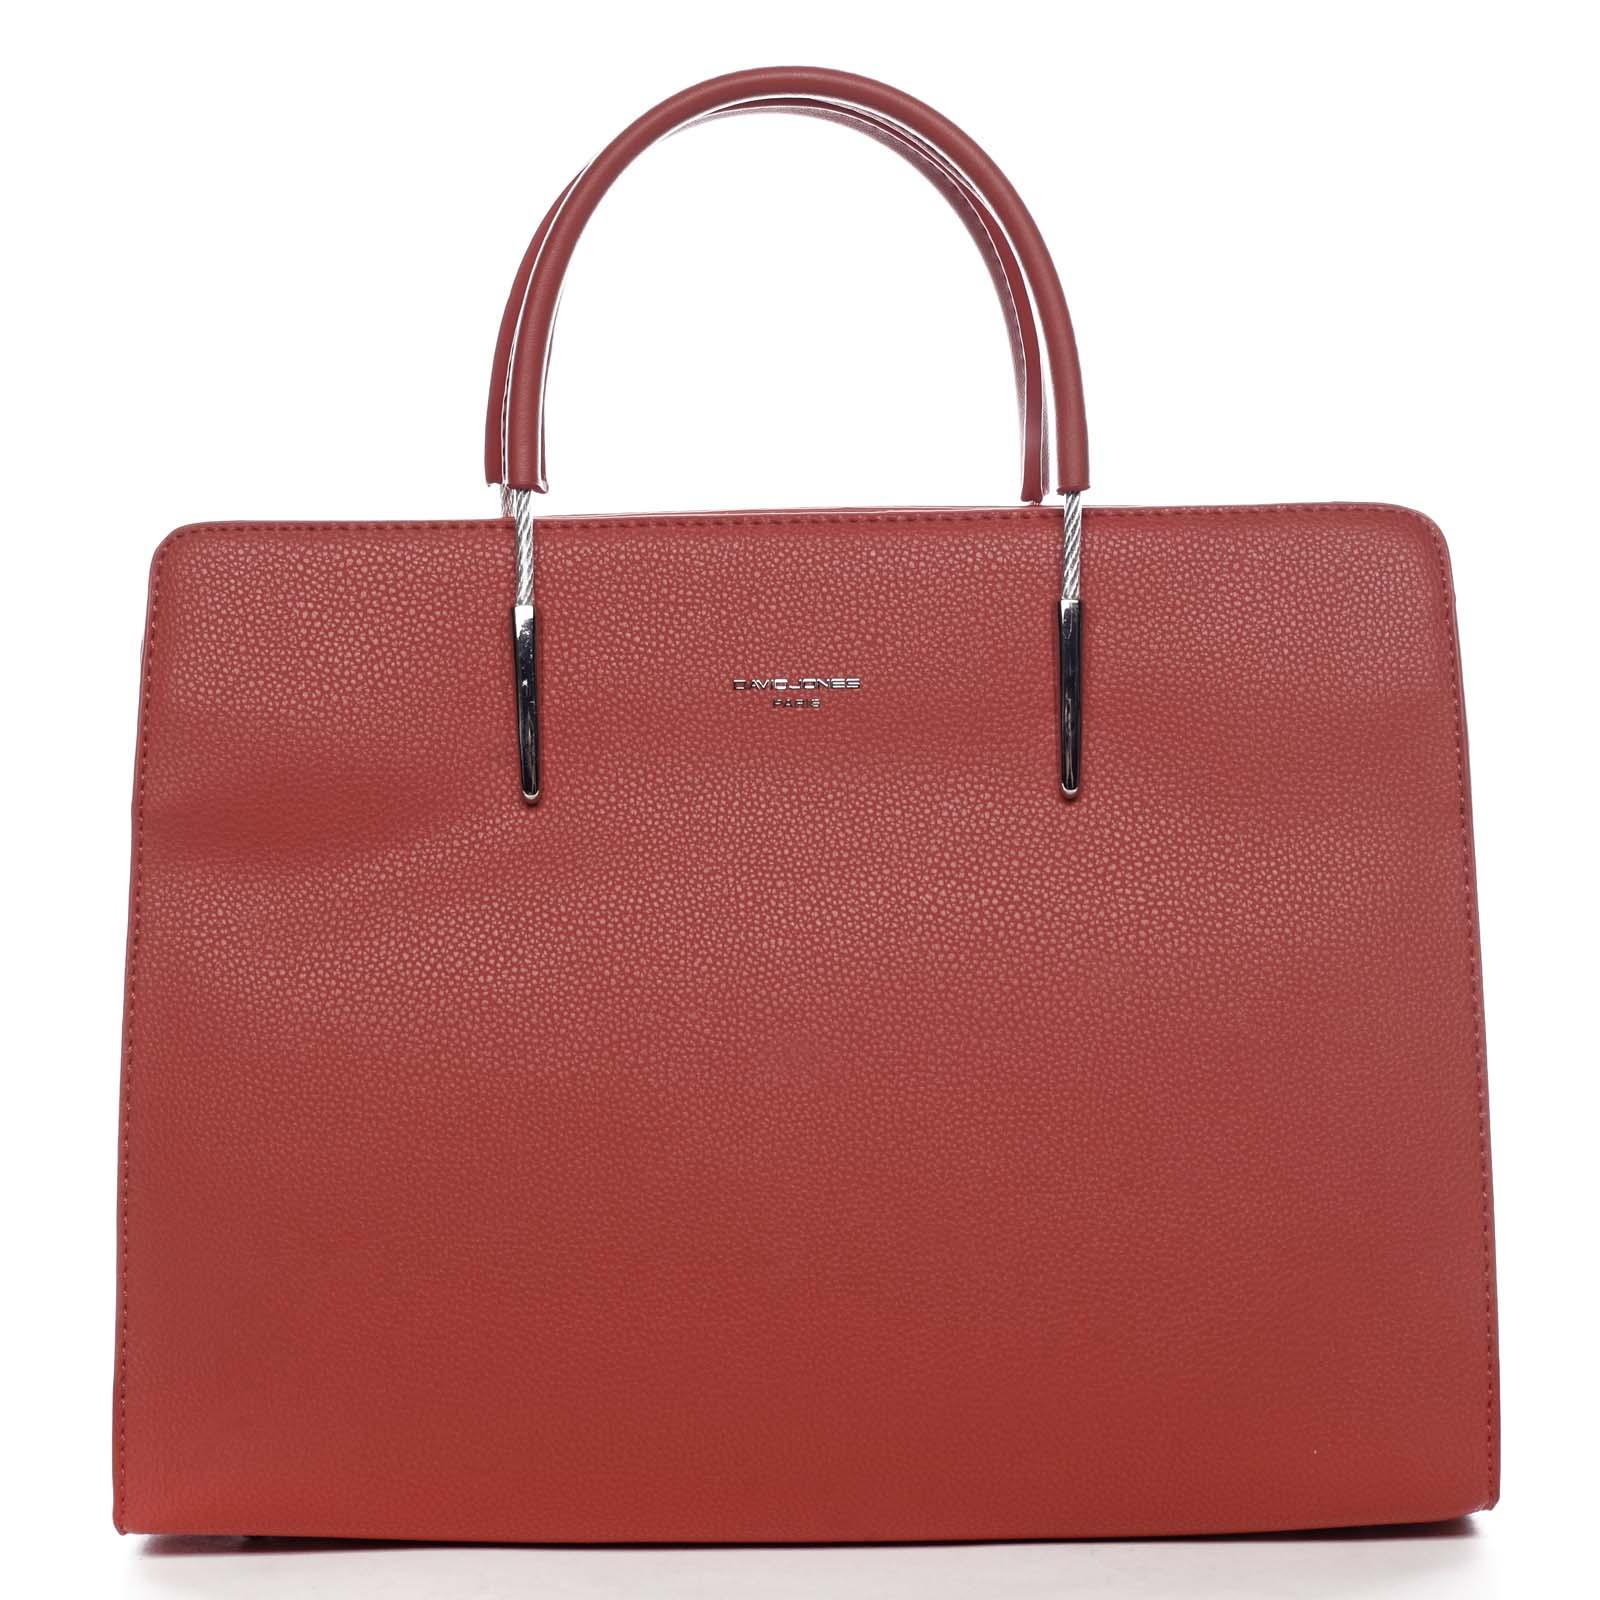 Dámská kabelka do ruky červená - David Jones Miracle červená